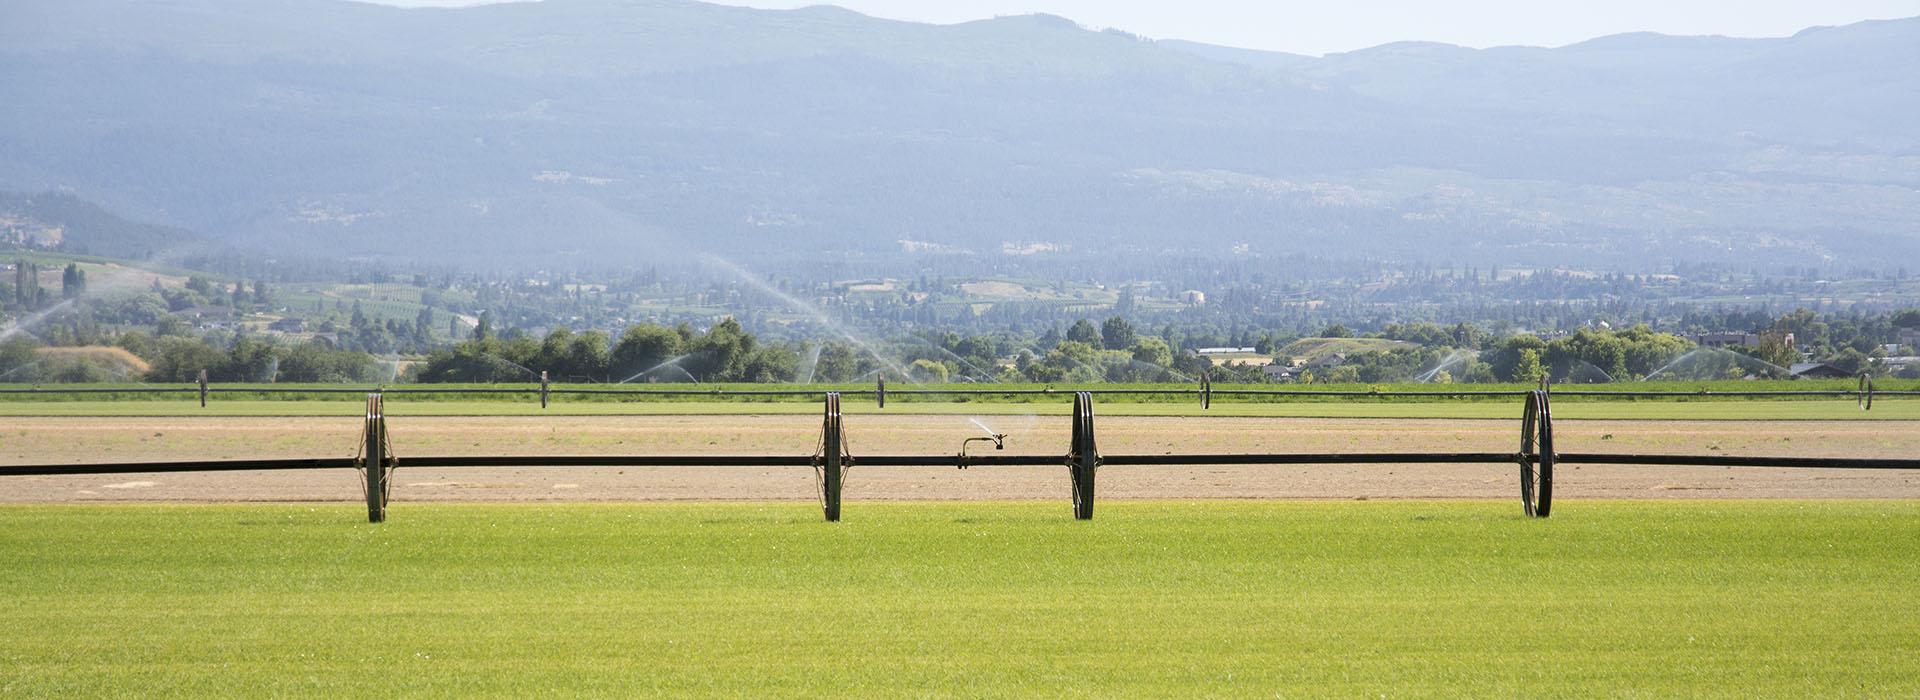 Irrigation_banner_r